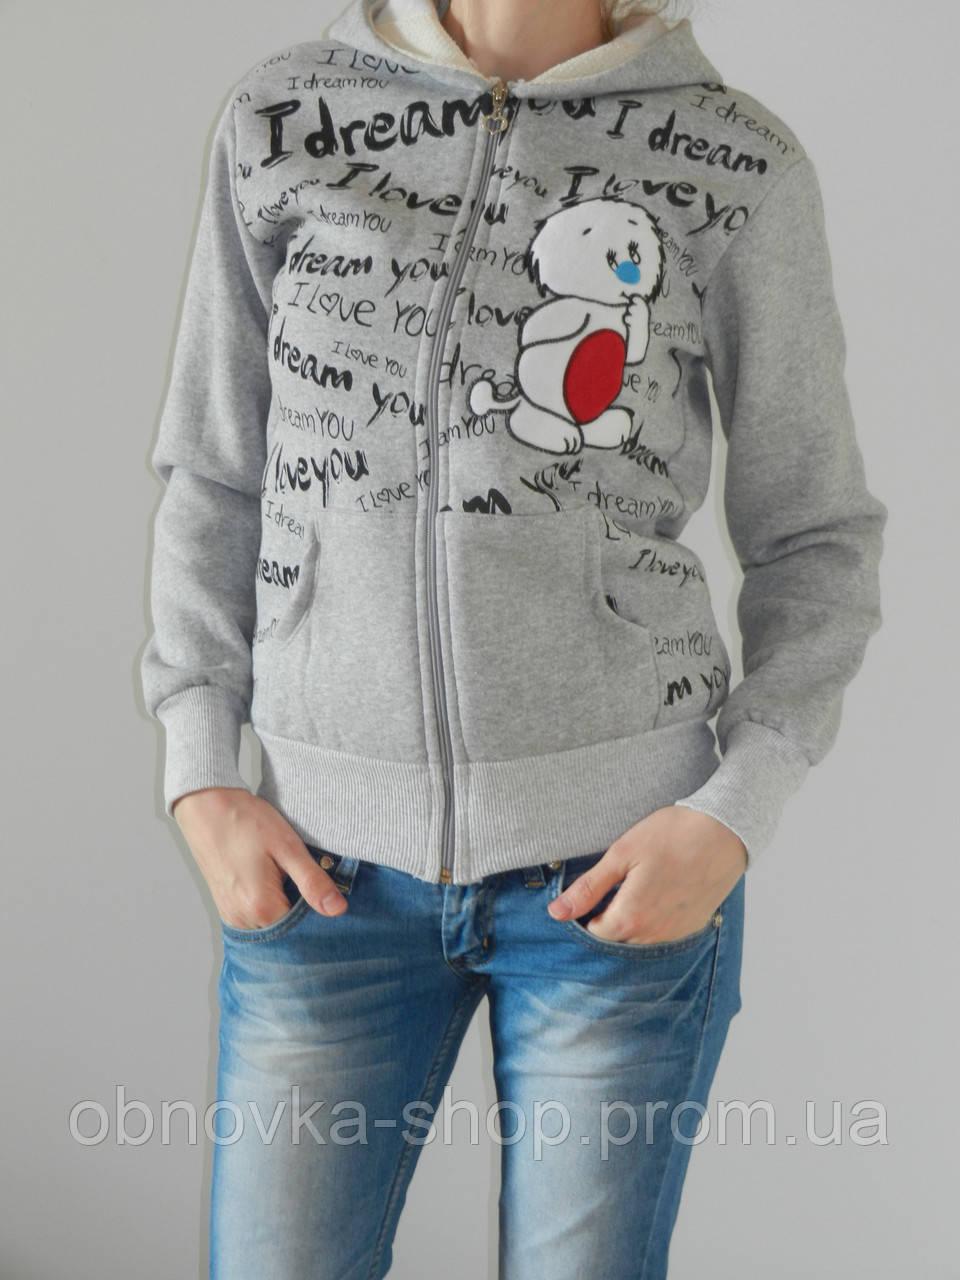 e3bdc6a6 Толстовка с мишкой белым с капюшоном женская на флисе рр. М, L - Интернет